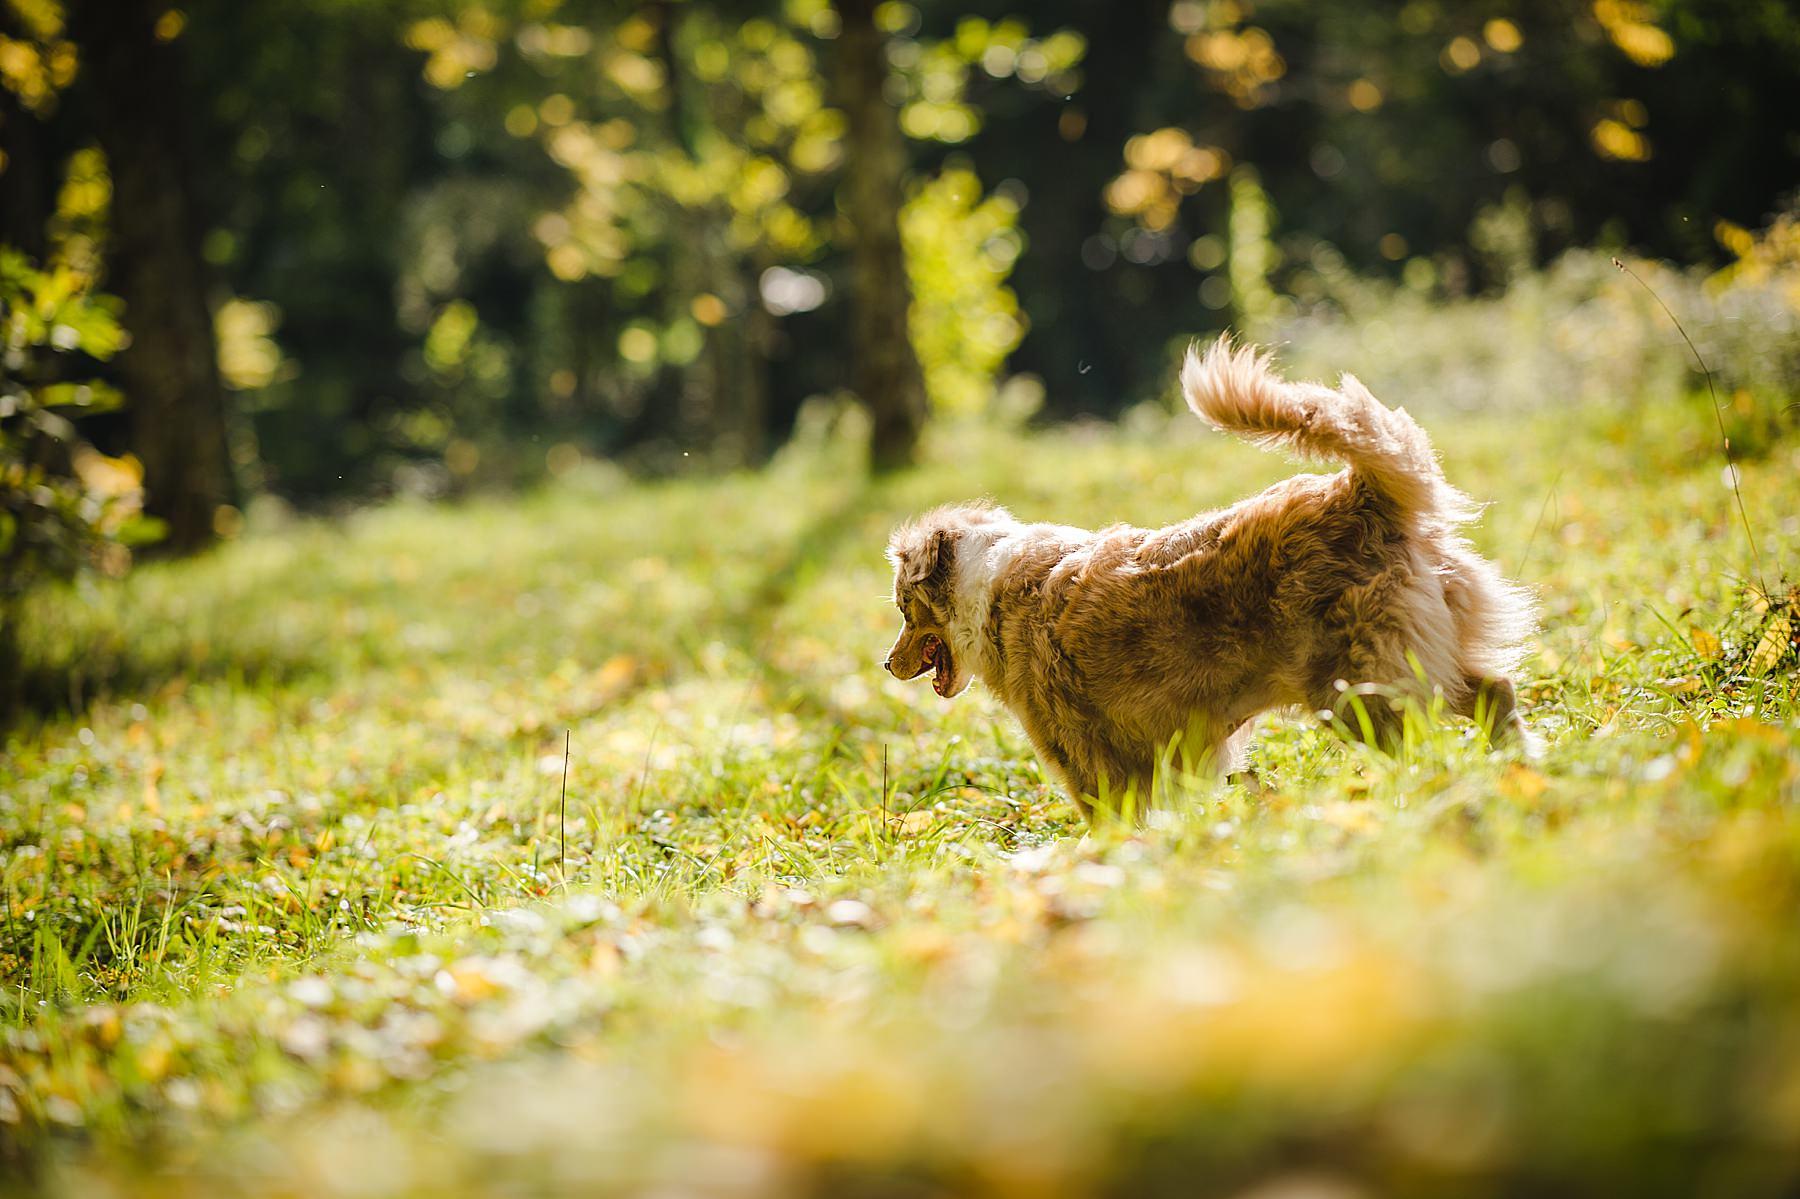 Servizio fotografico di coppia all'aperto con il cane